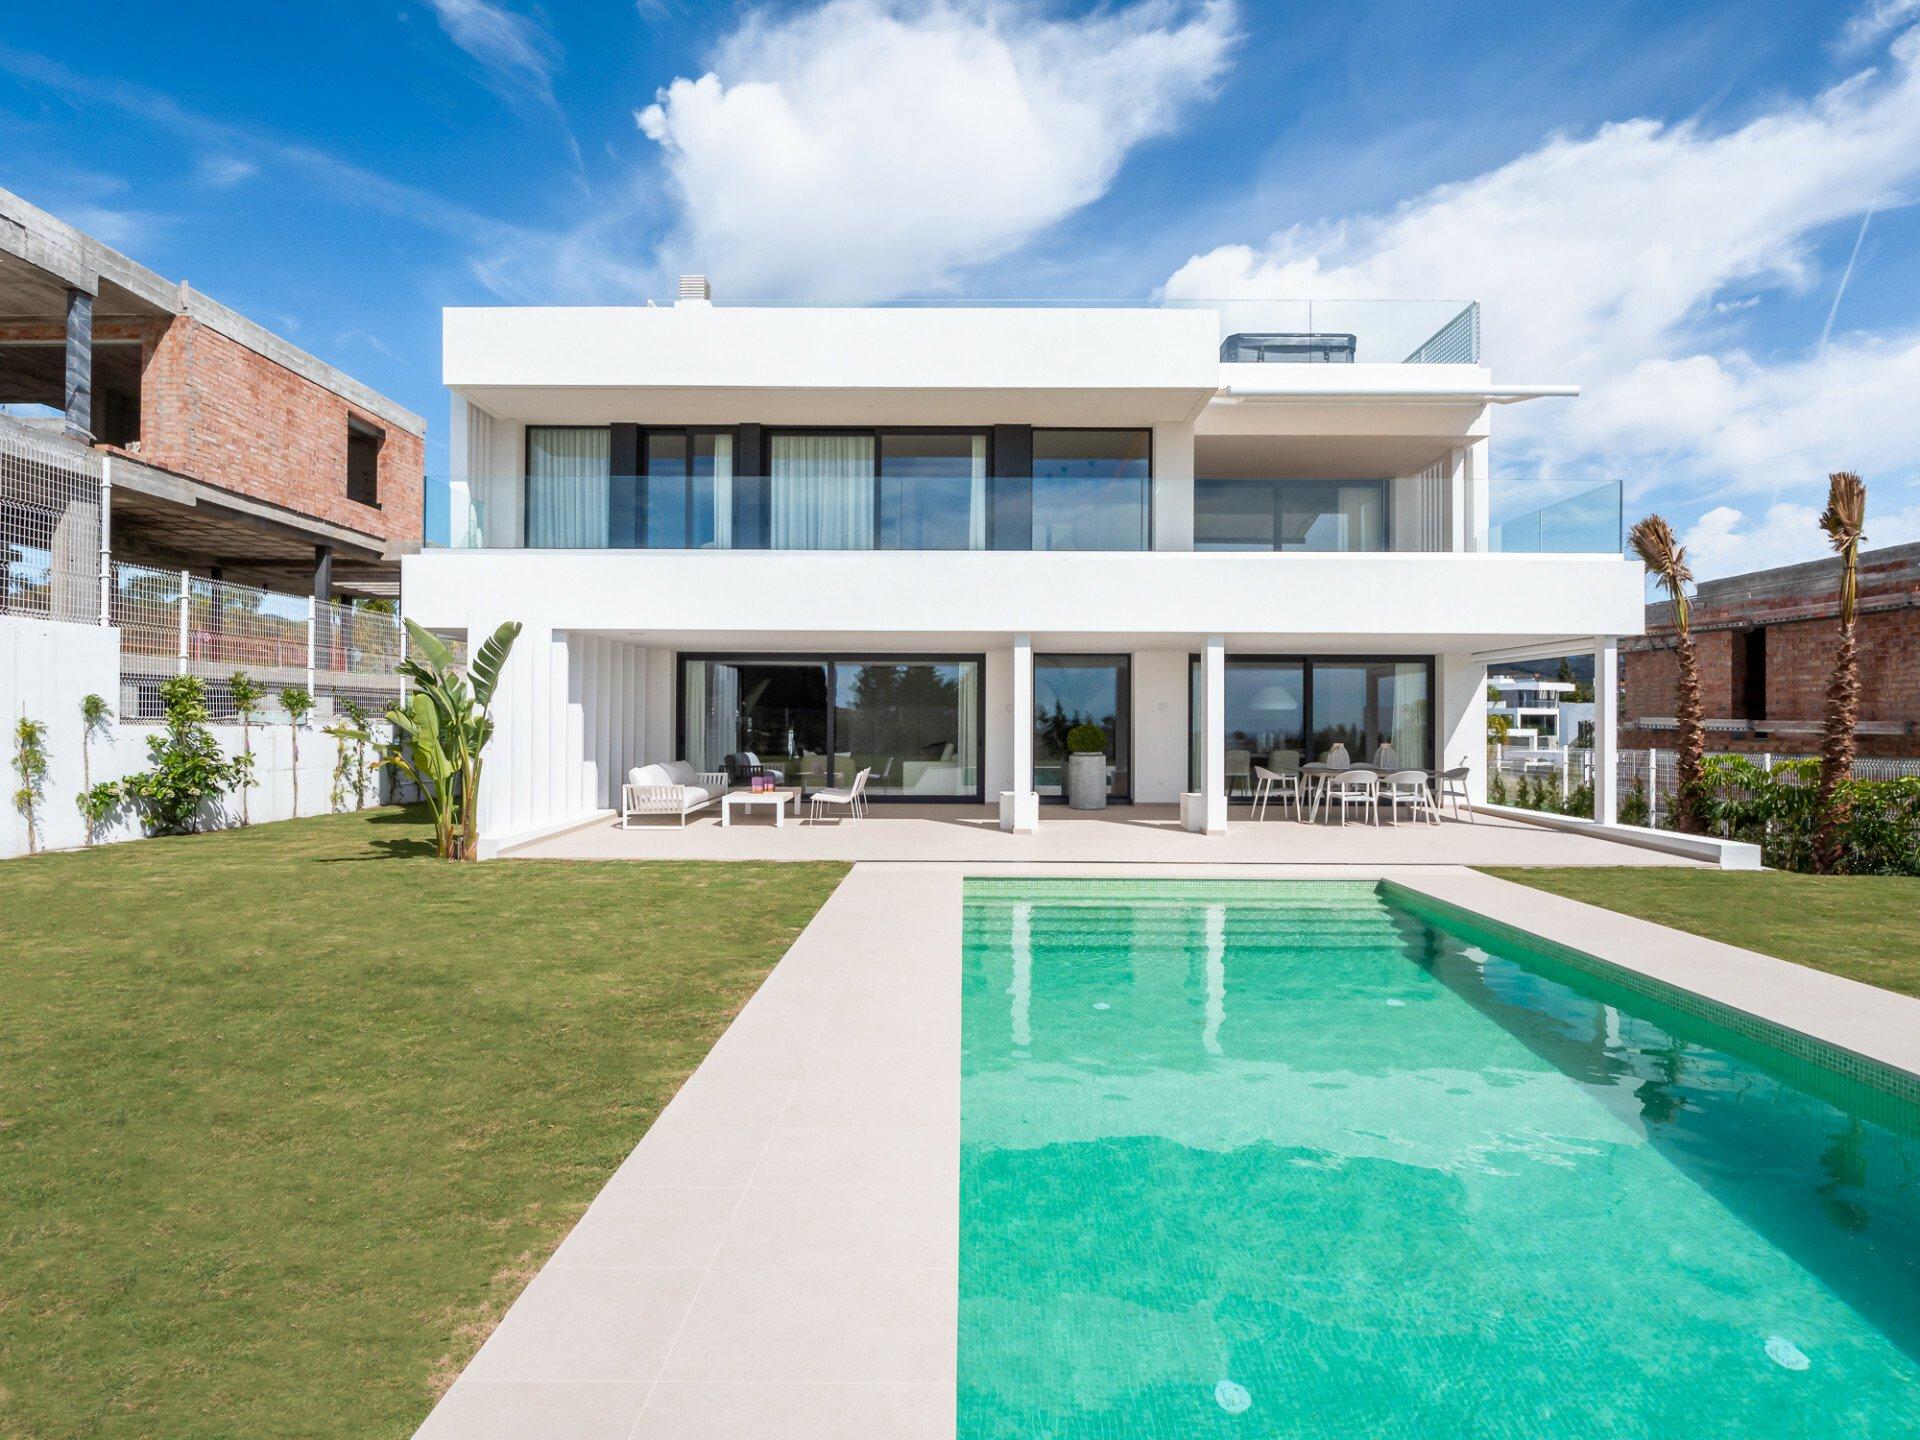 Villa in Estepona, Andalusia, Spain 1 - 11465250